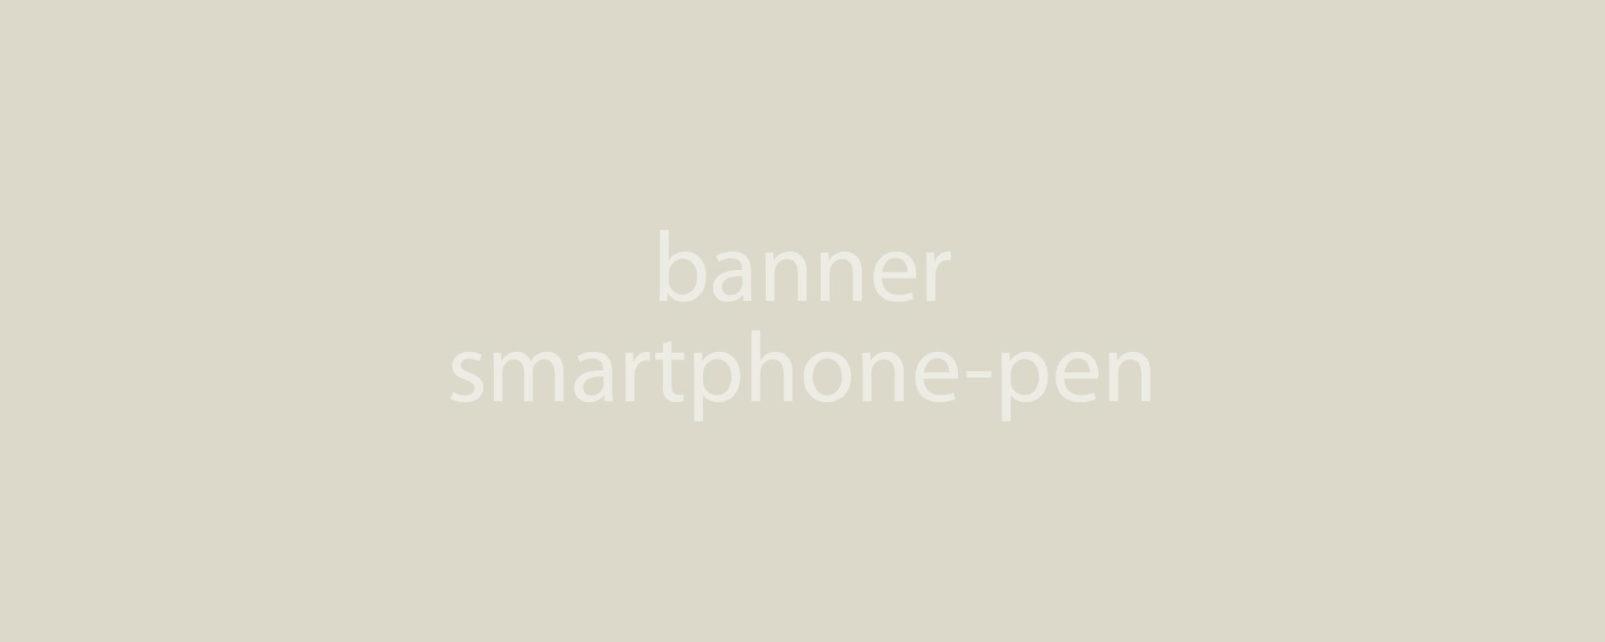 Smartphone & Pen